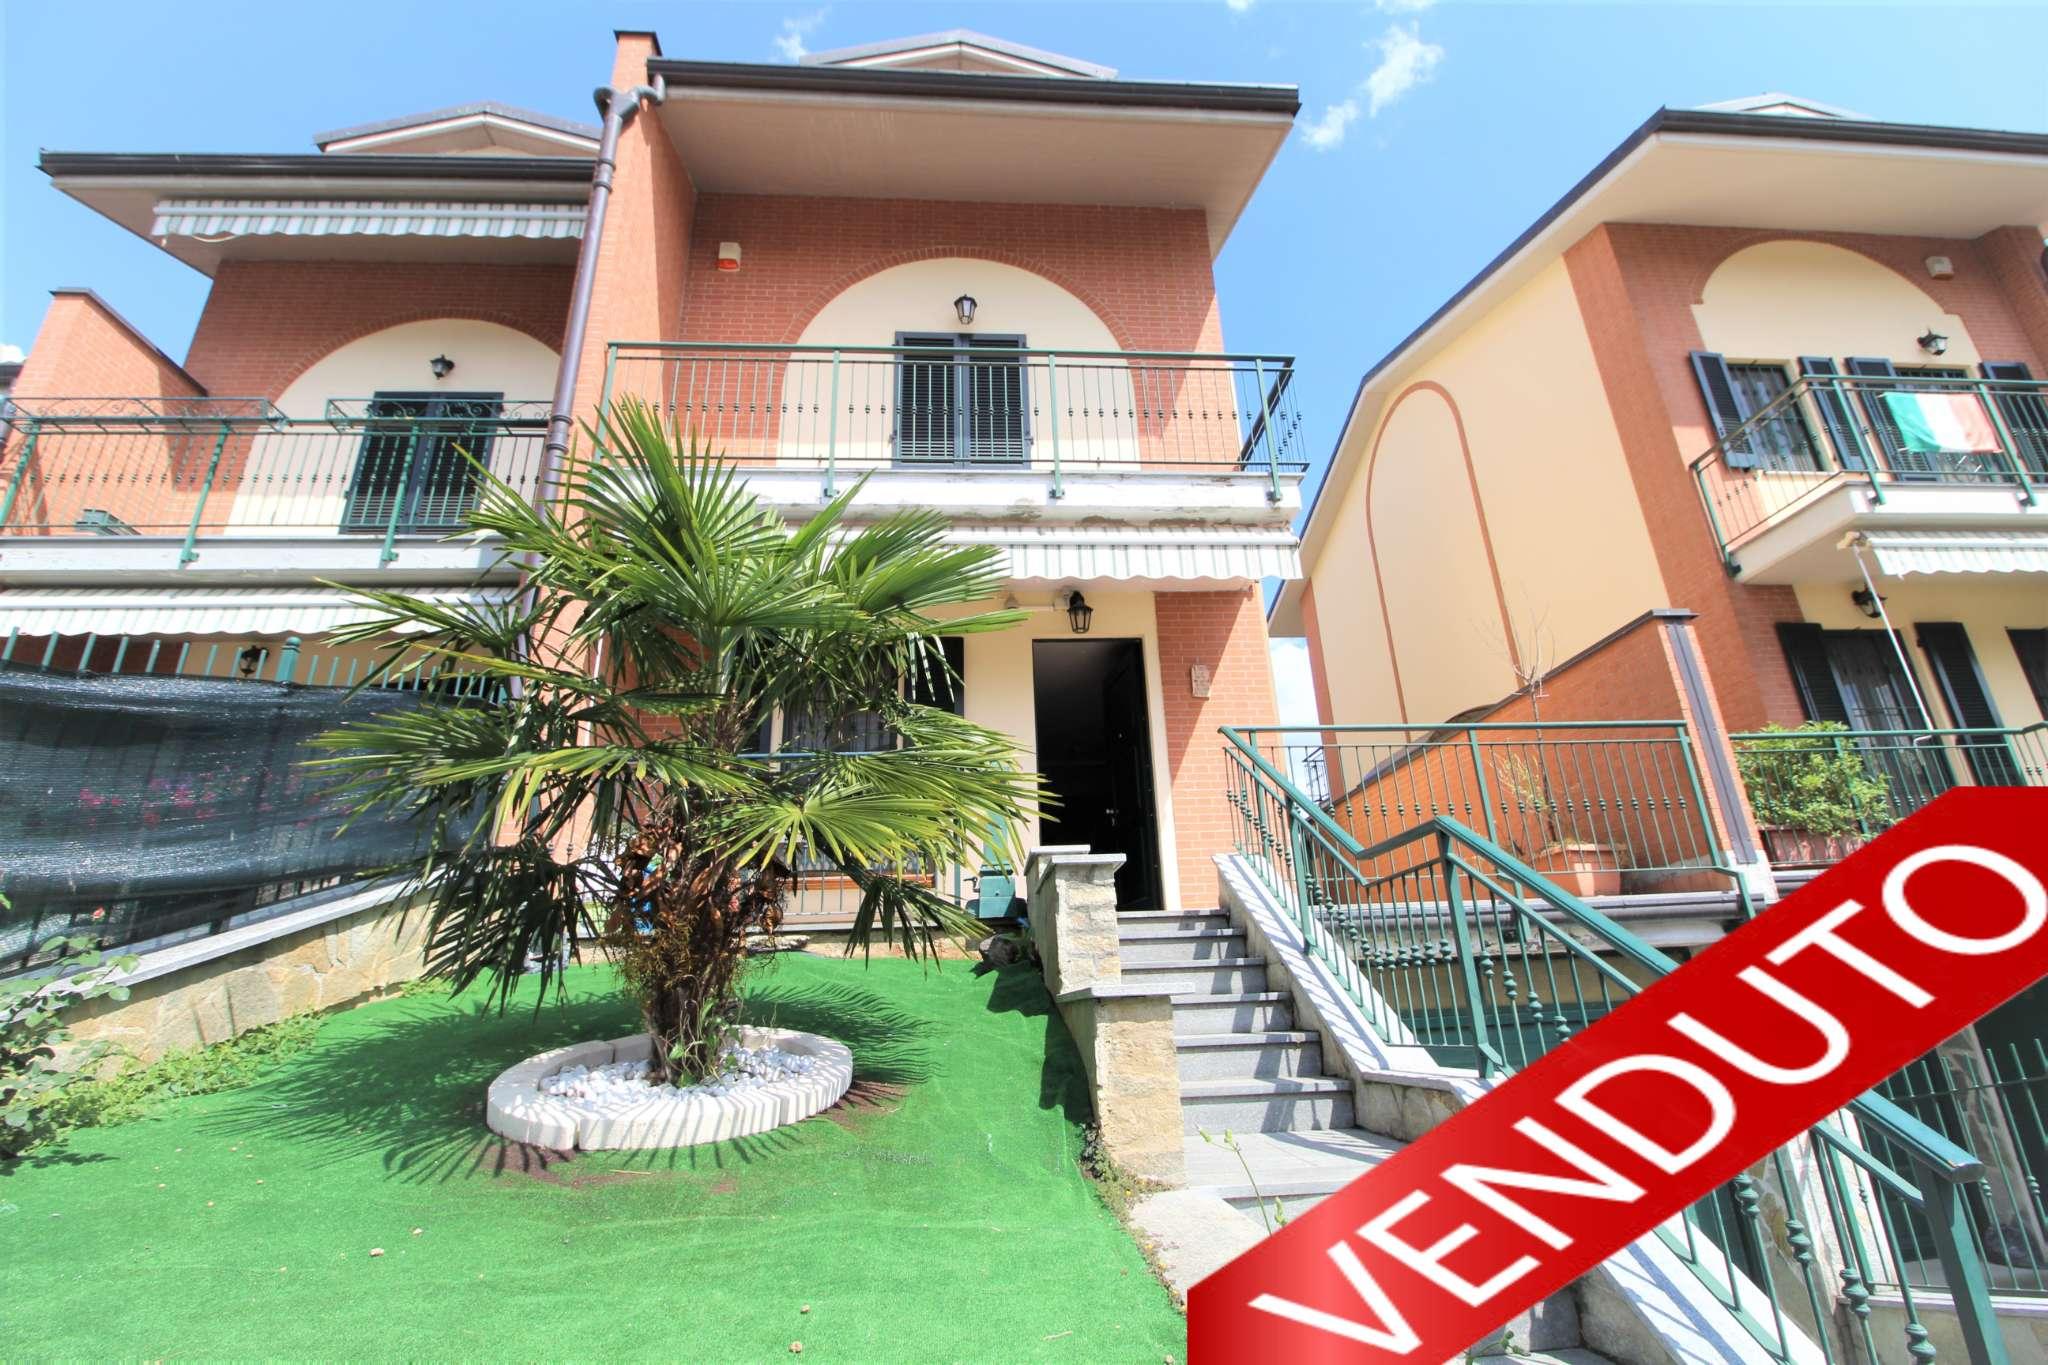 Villa a Schiera in vendita a Candiolo, 8 locali, prezzo € 265.000 | CambioCasa.it